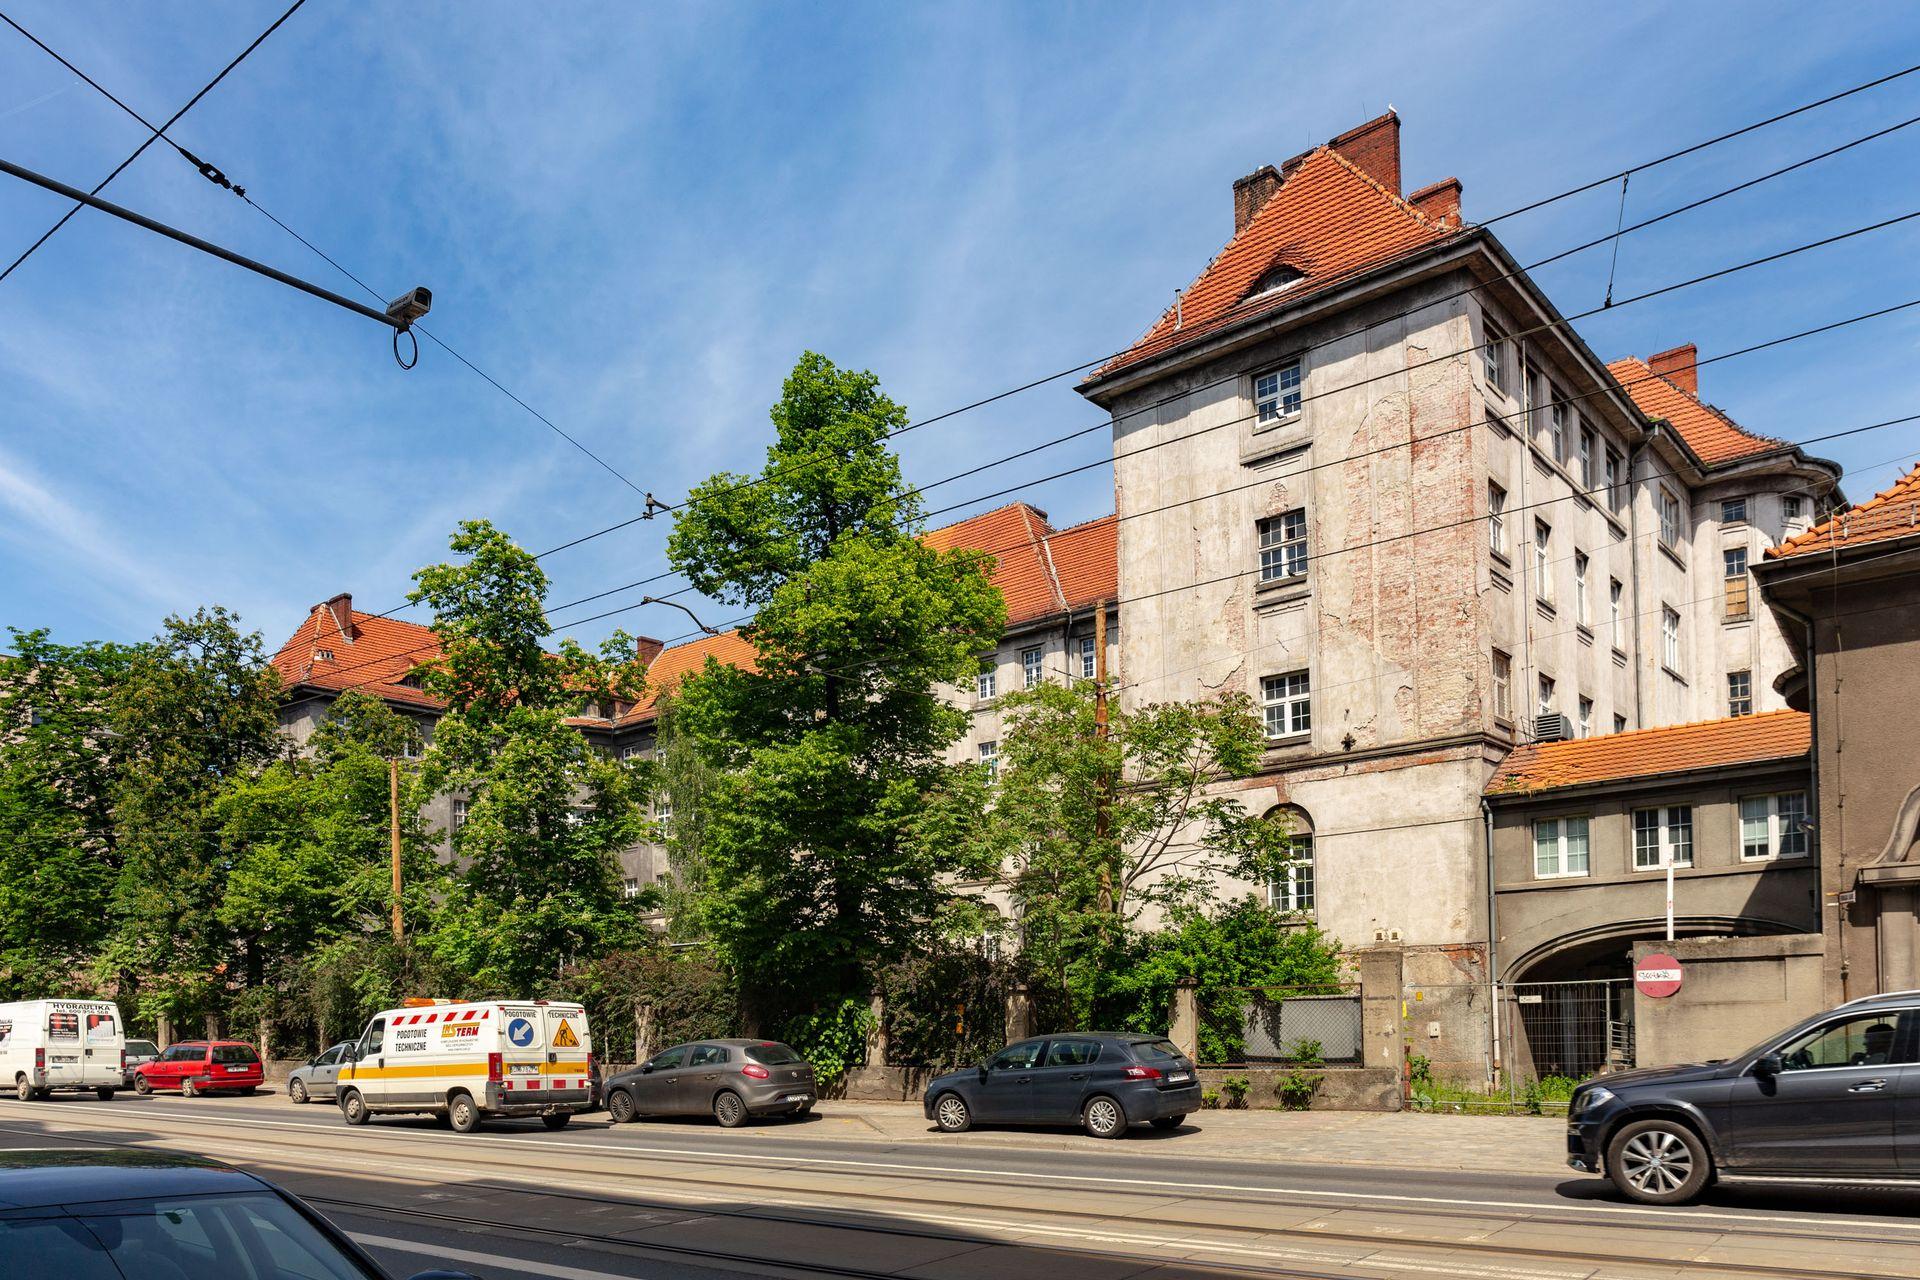 Wrocław: AmRest sprzedaje po latach zabytkowy szpital. Remontu nie zaczął